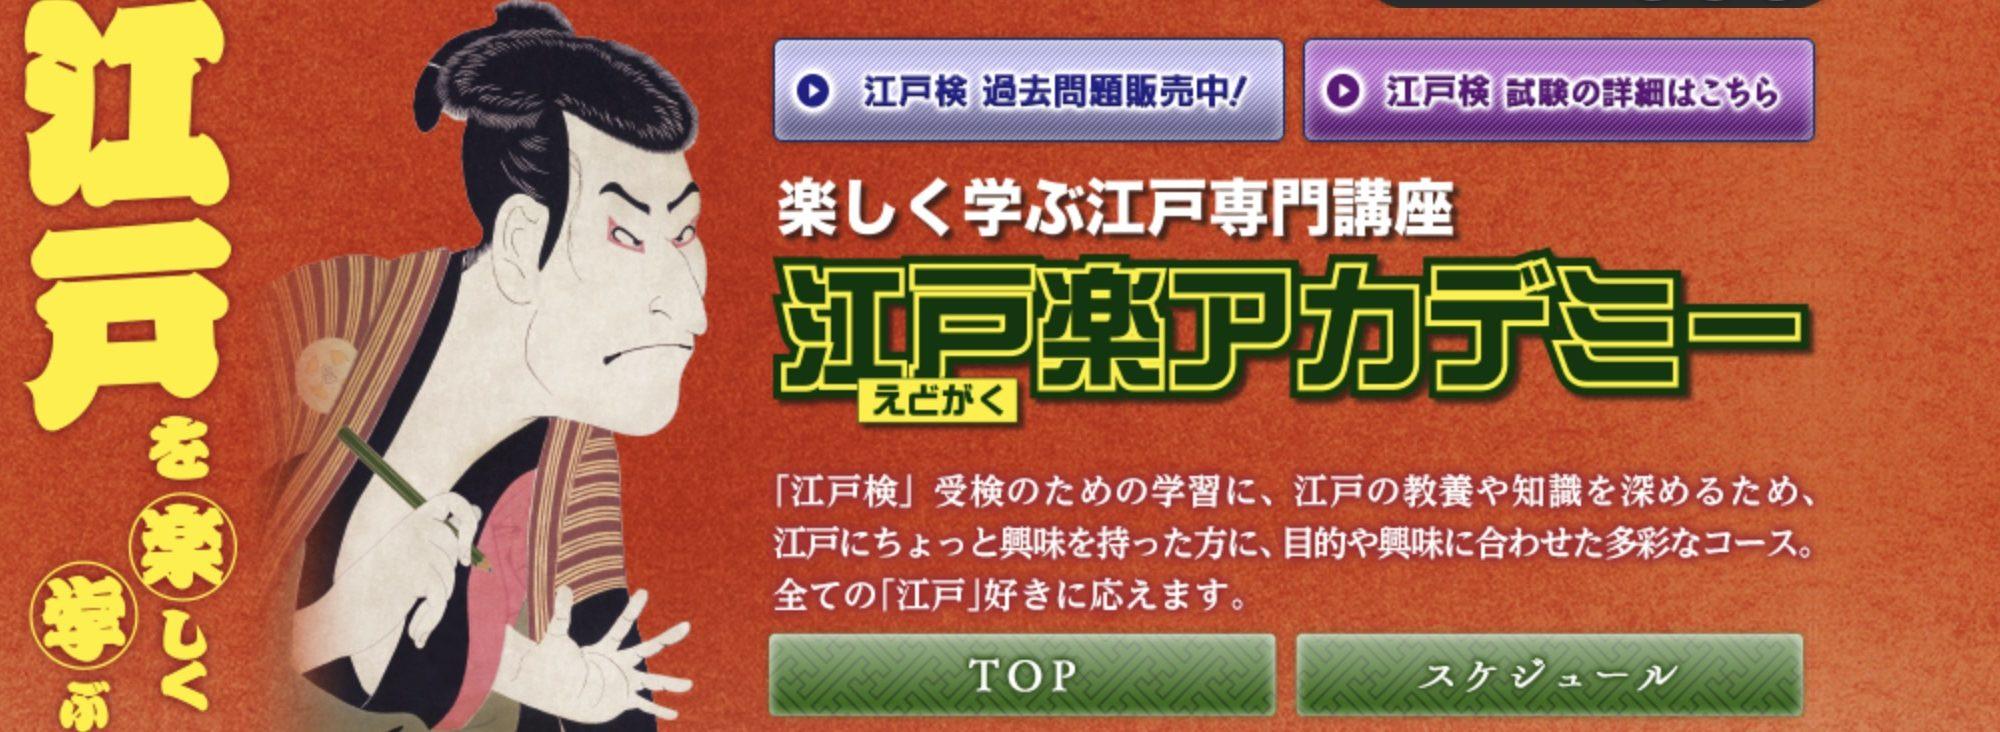 江戸楽アカデミー